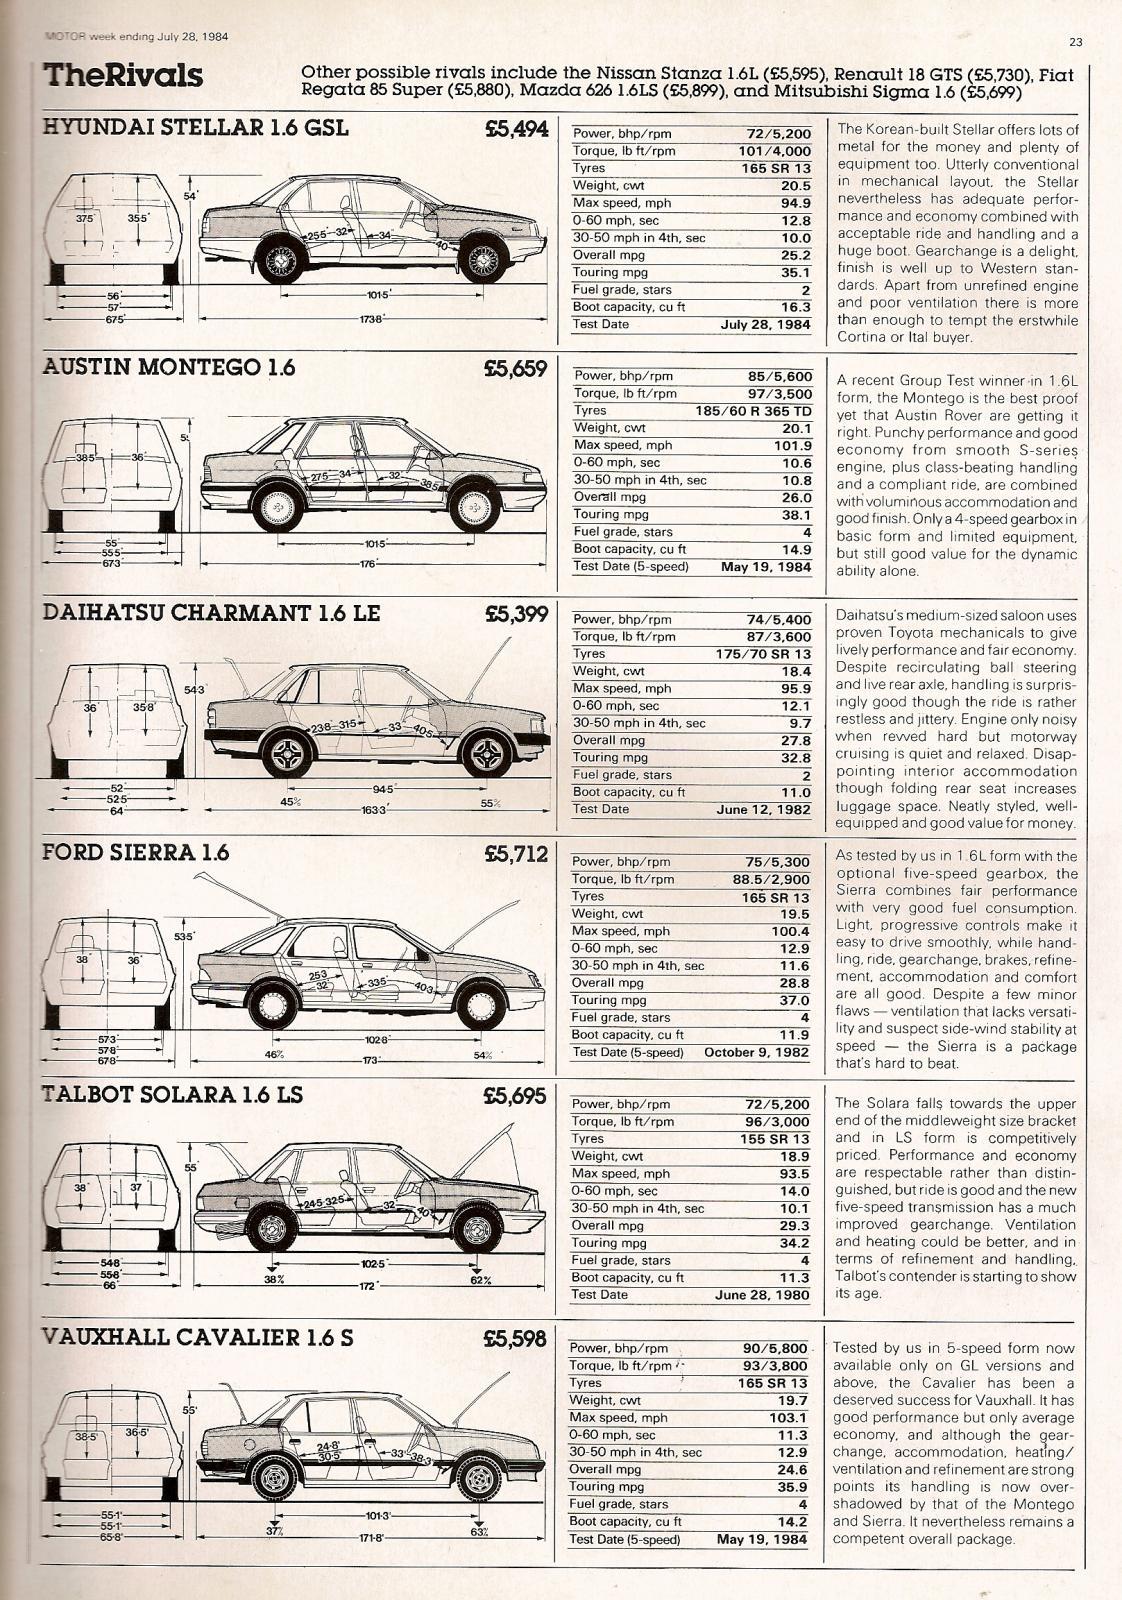 Hyundai Stellar 1.6 GSL Road Test 1984 (4).jpg